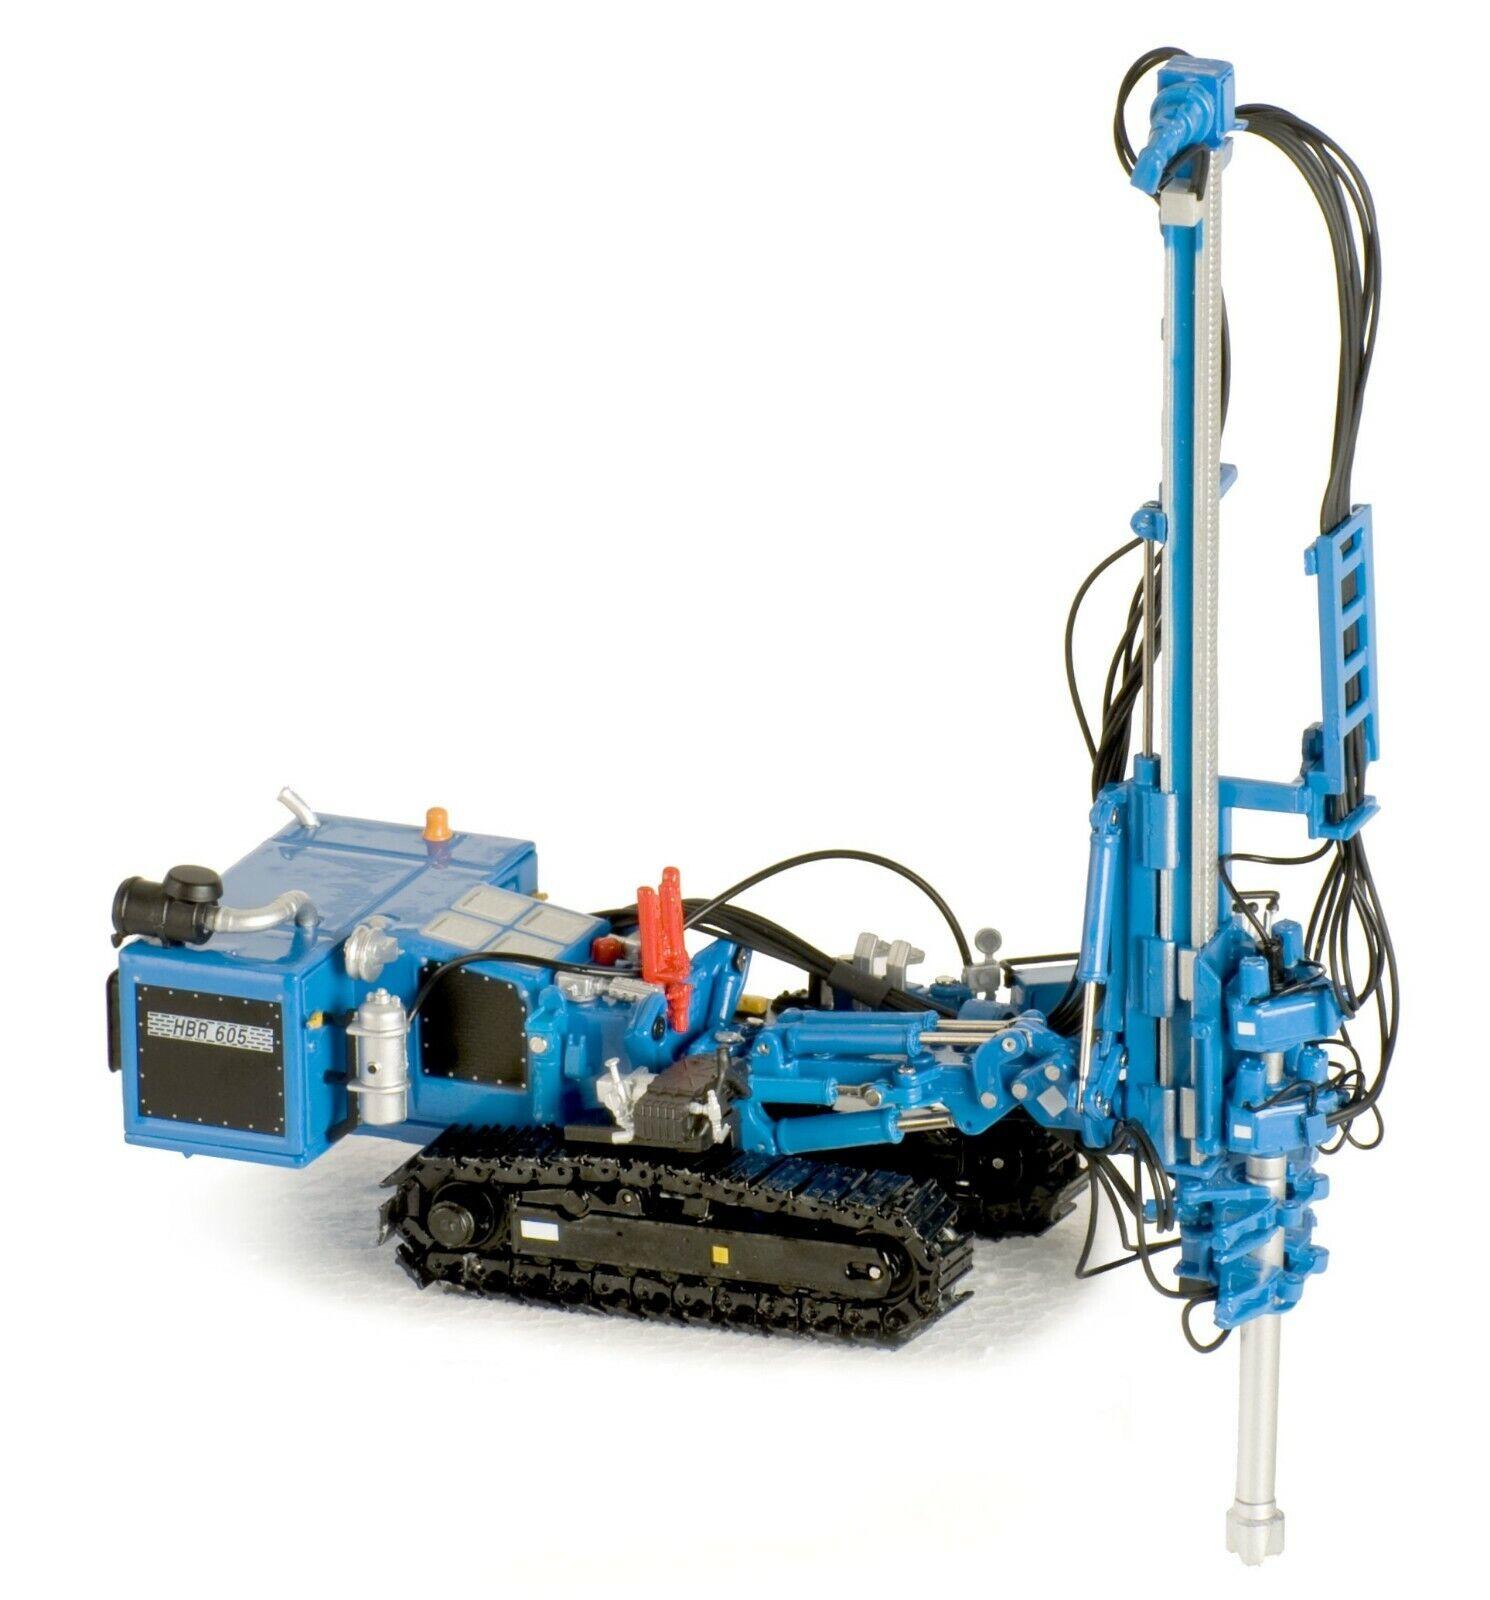 rivenditori online Nuovo ROS 210-4B Hutte HBR 605 Hydraulic Drilling Rig Rig Rig - blu 1 50 Die-cast MIB  le migliori marche vendono a buon mercato